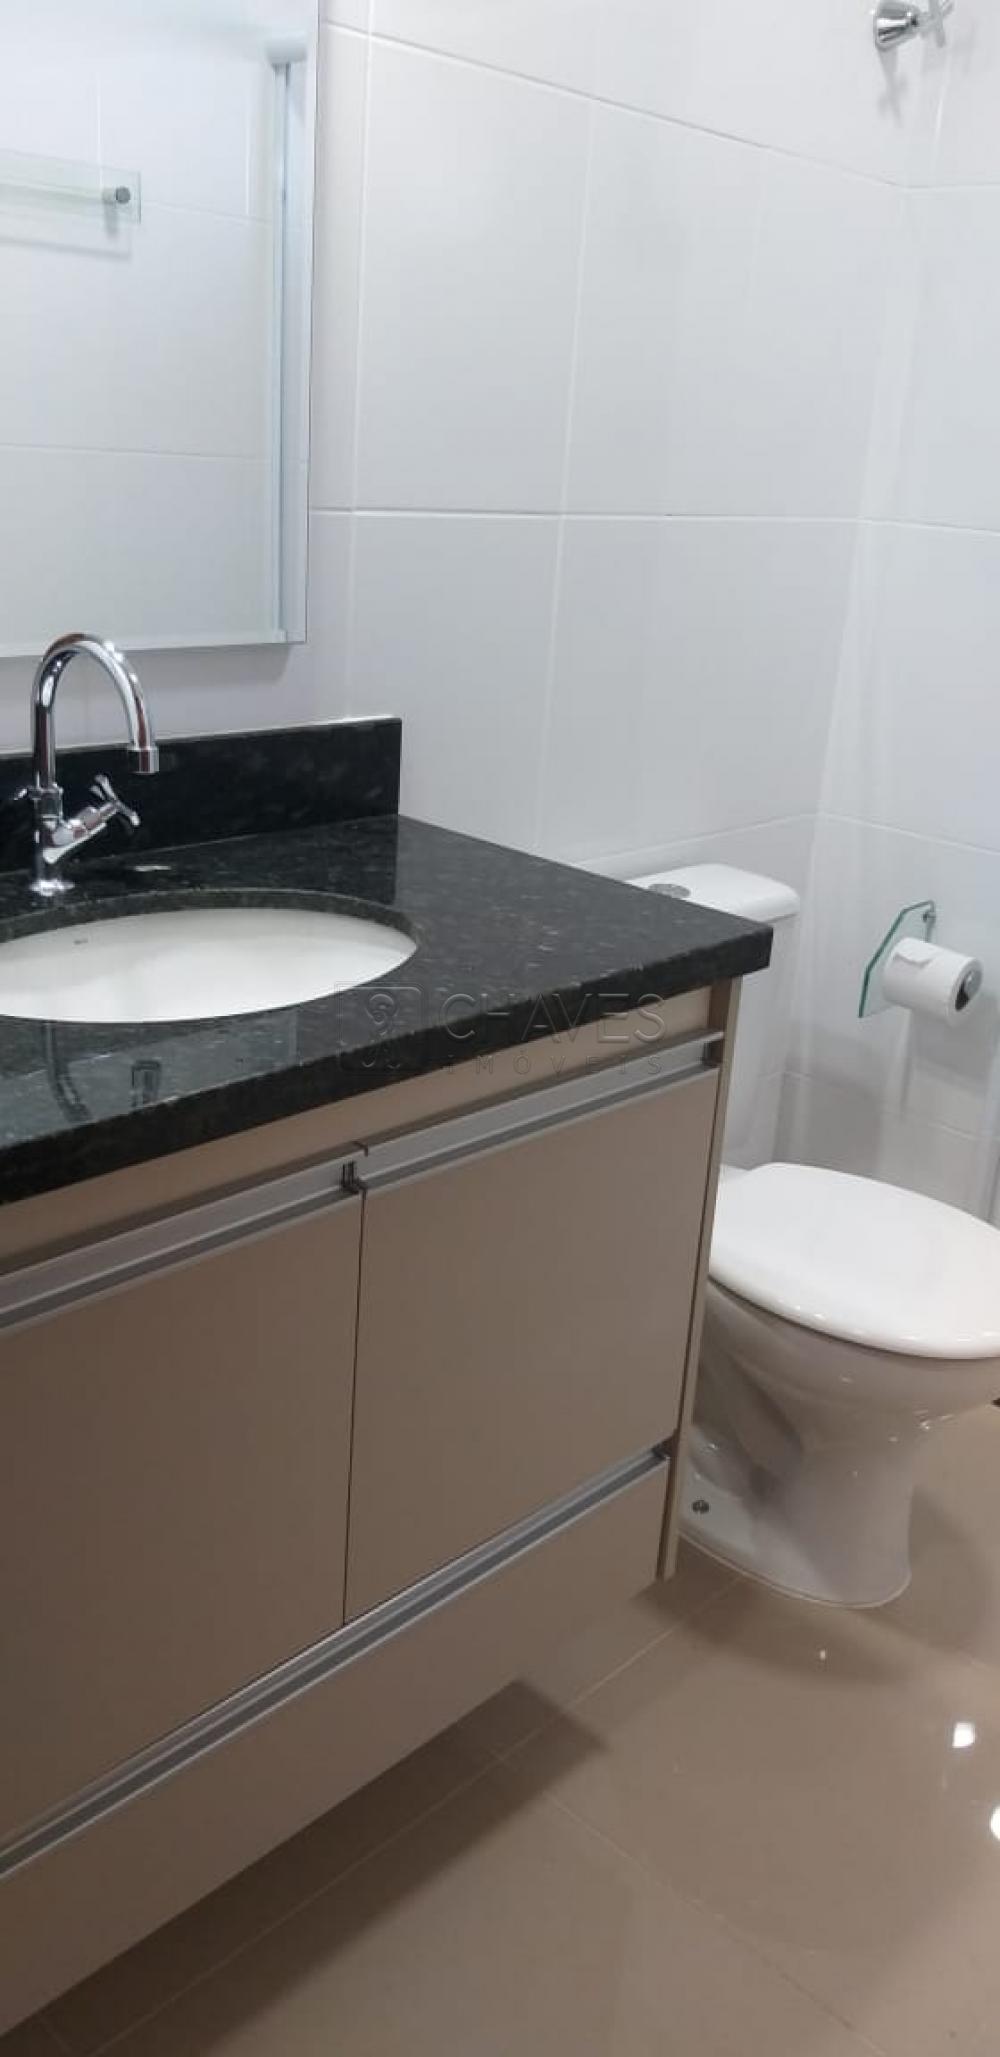 Alugar Apartamento / Padrão em Ribeirão Preto apenas R$ 1.200,00 - Foto 5